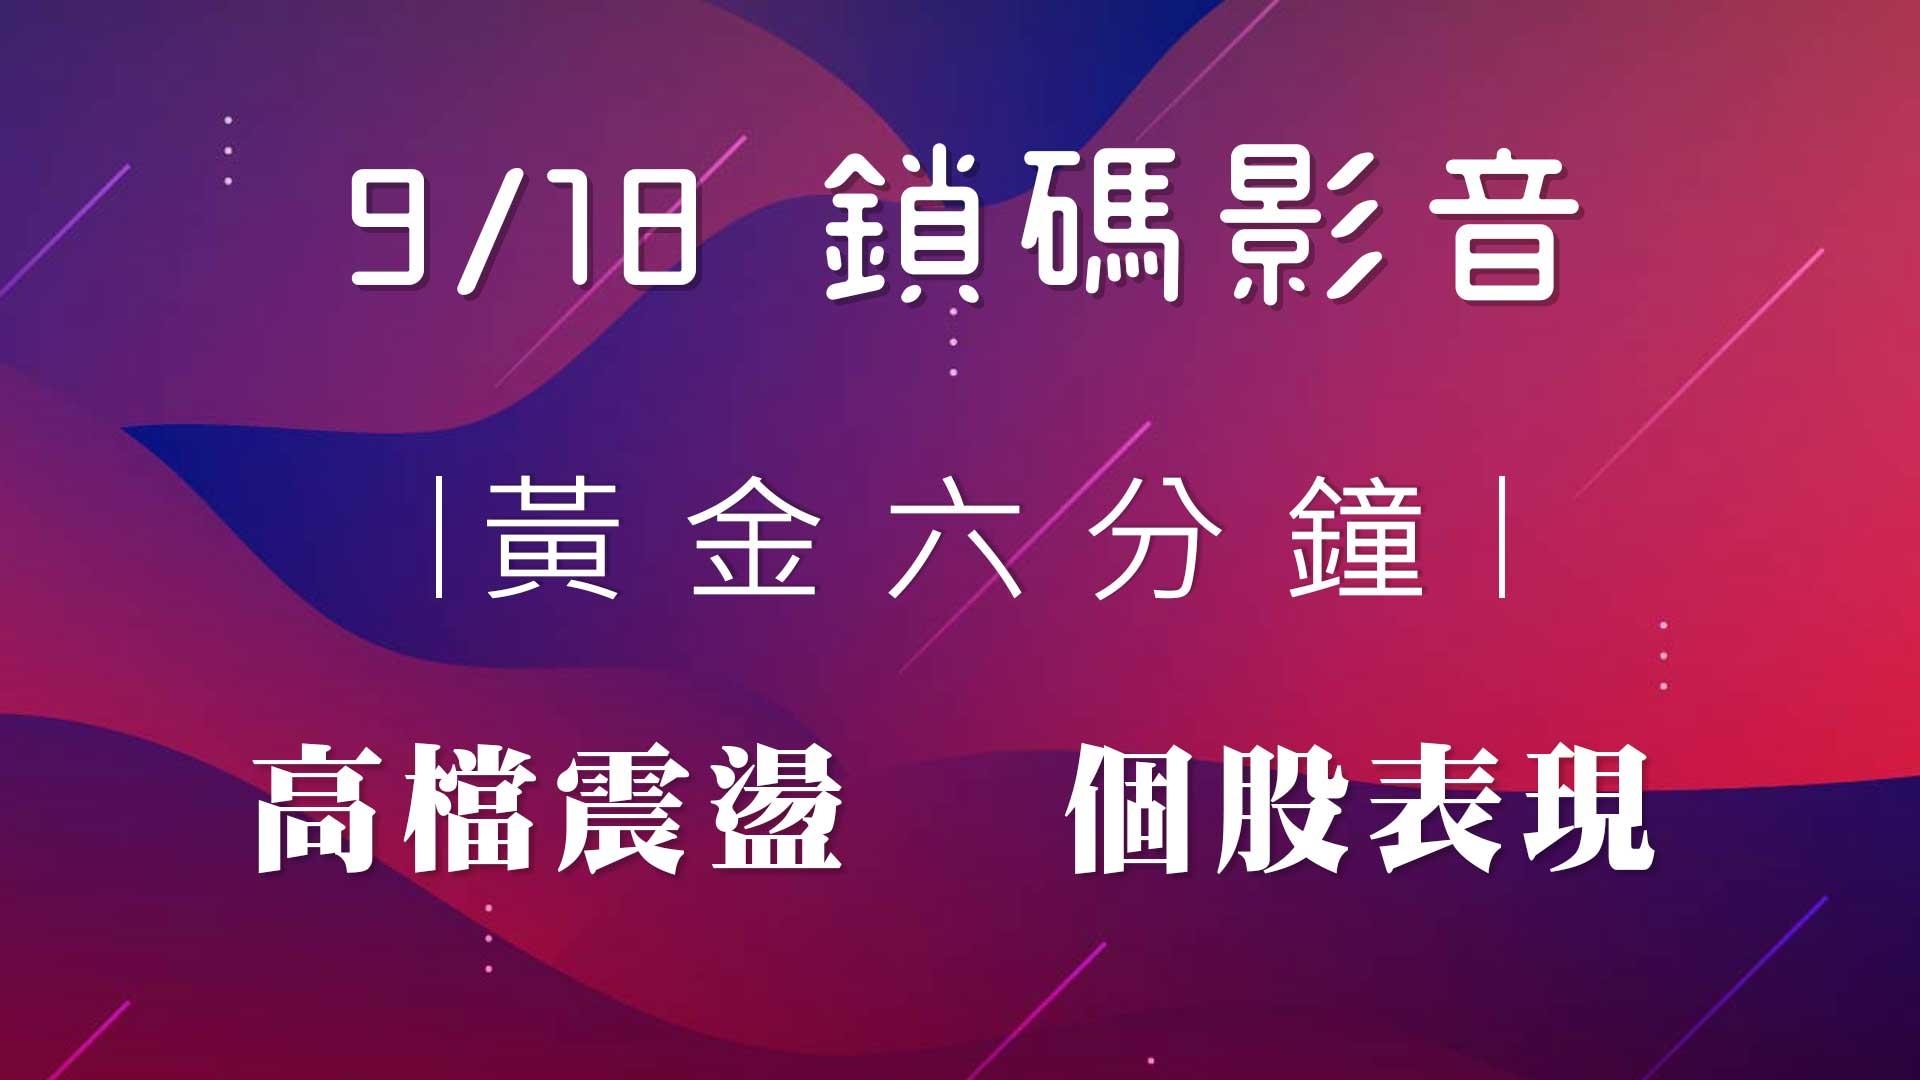 【王曈2020/09/18】鎖碼影音(試看)